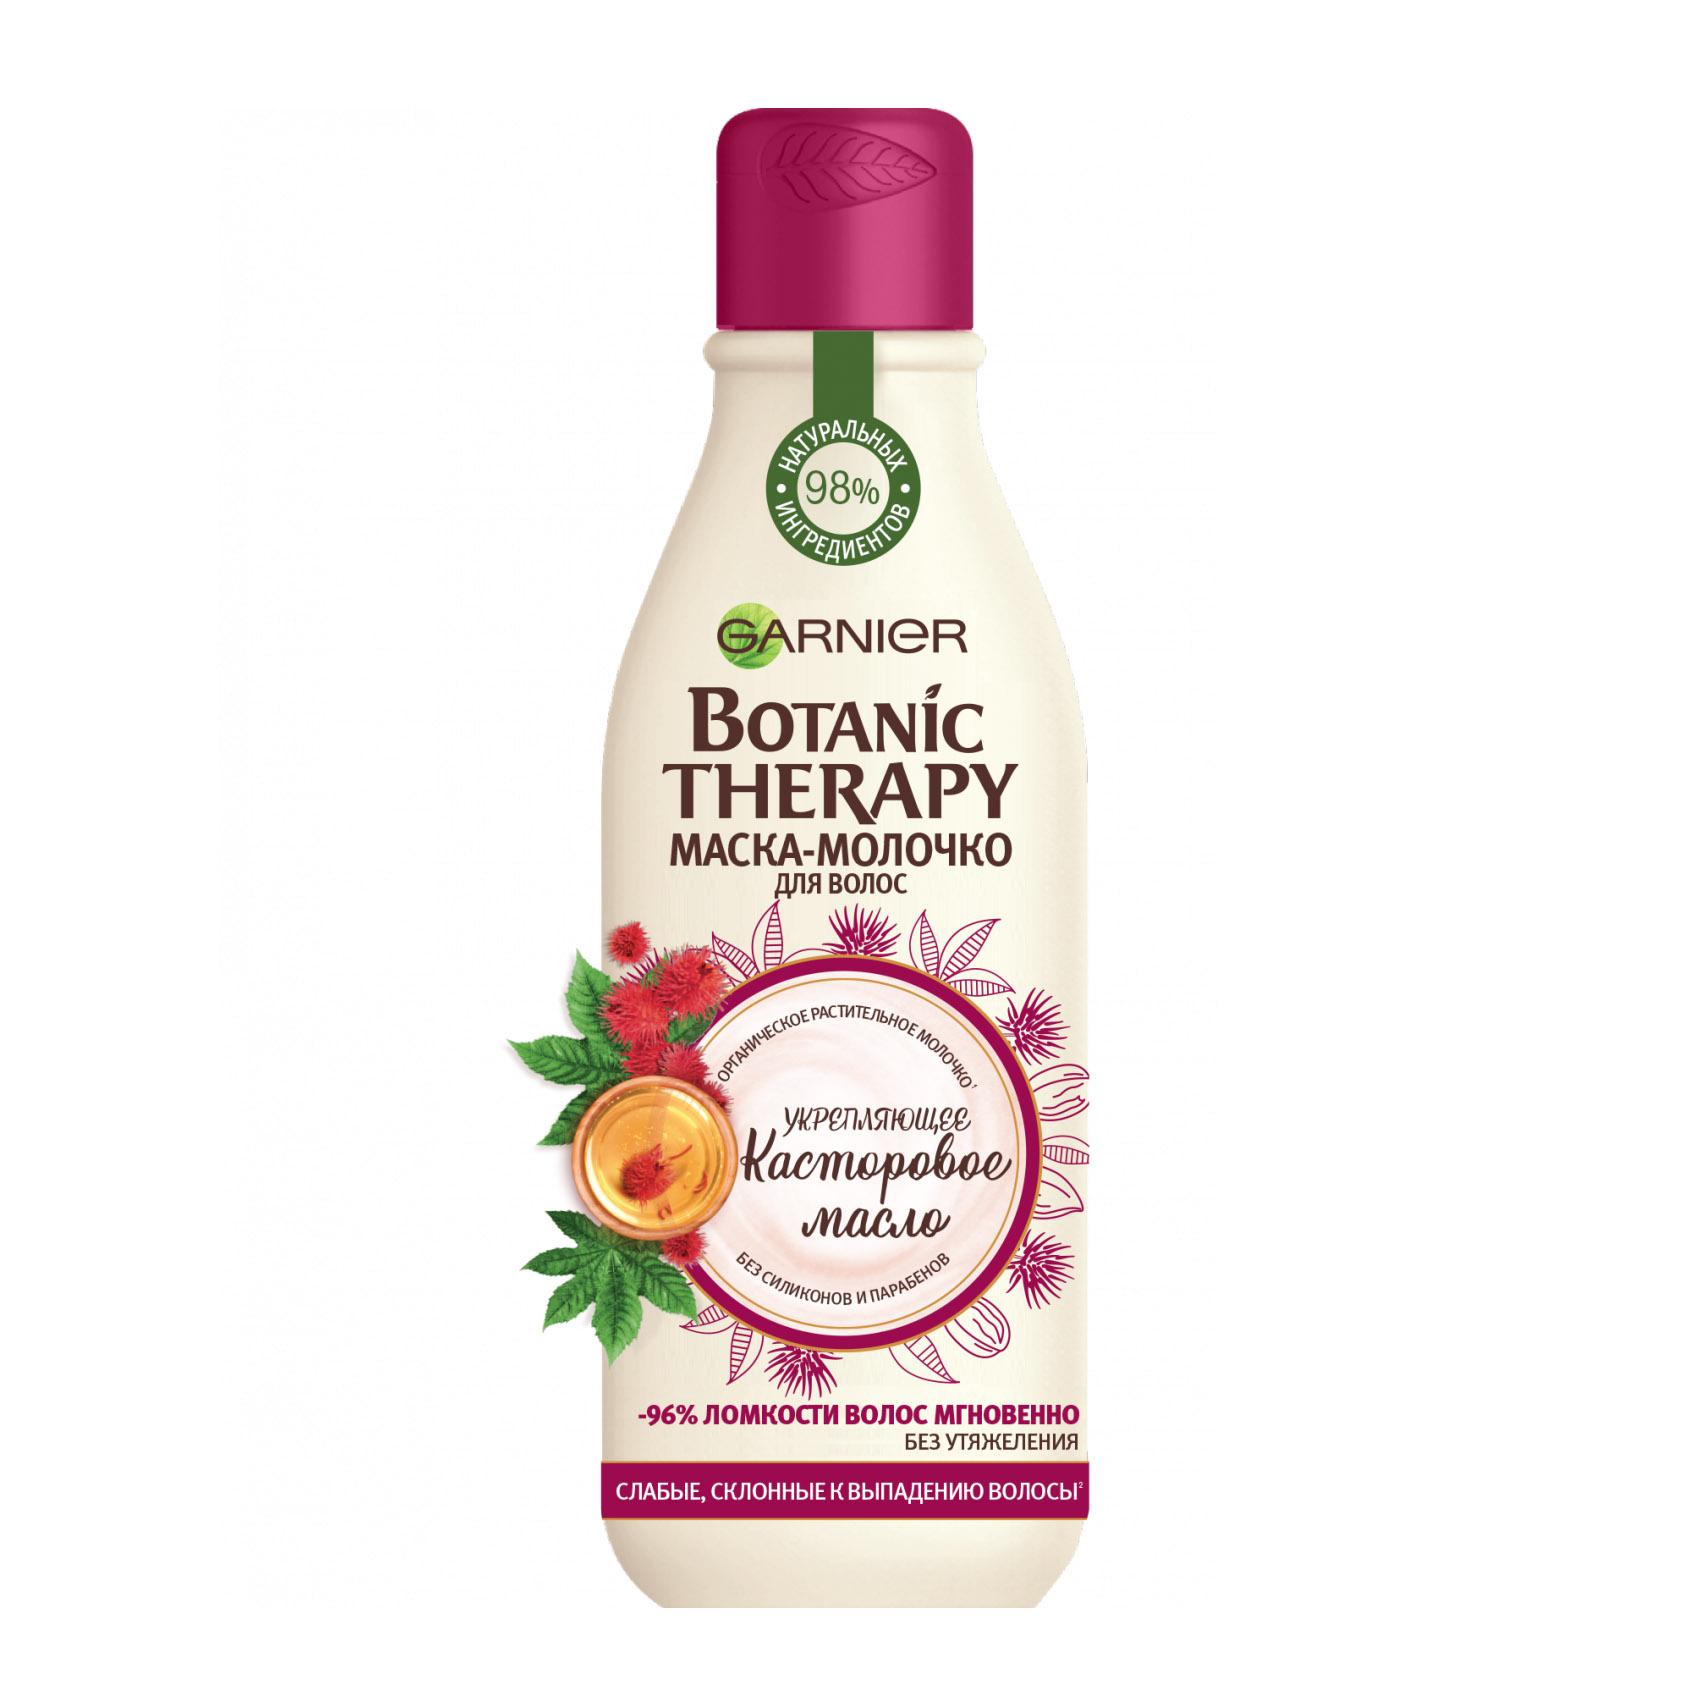 Маска-молочко Garnier Botanic Therapy. Укрепляющее касторовое масло 250 мл фото